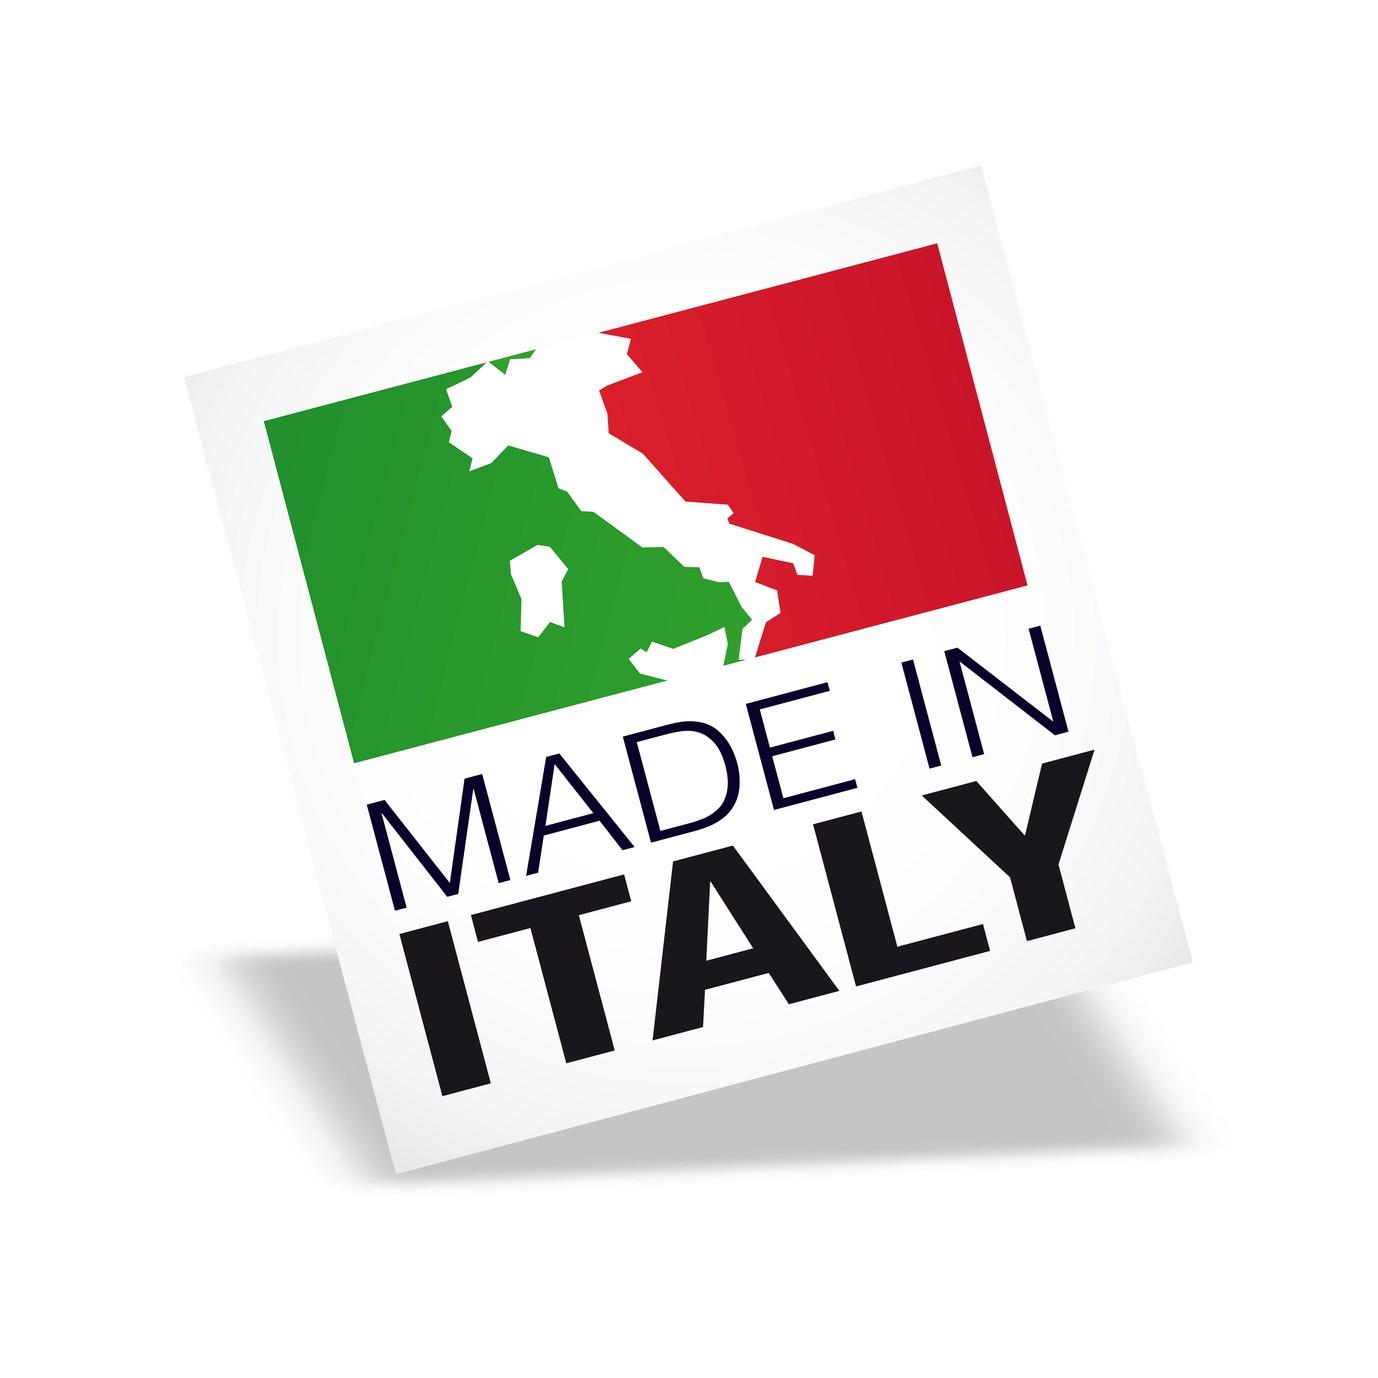 Italian fashion label logos